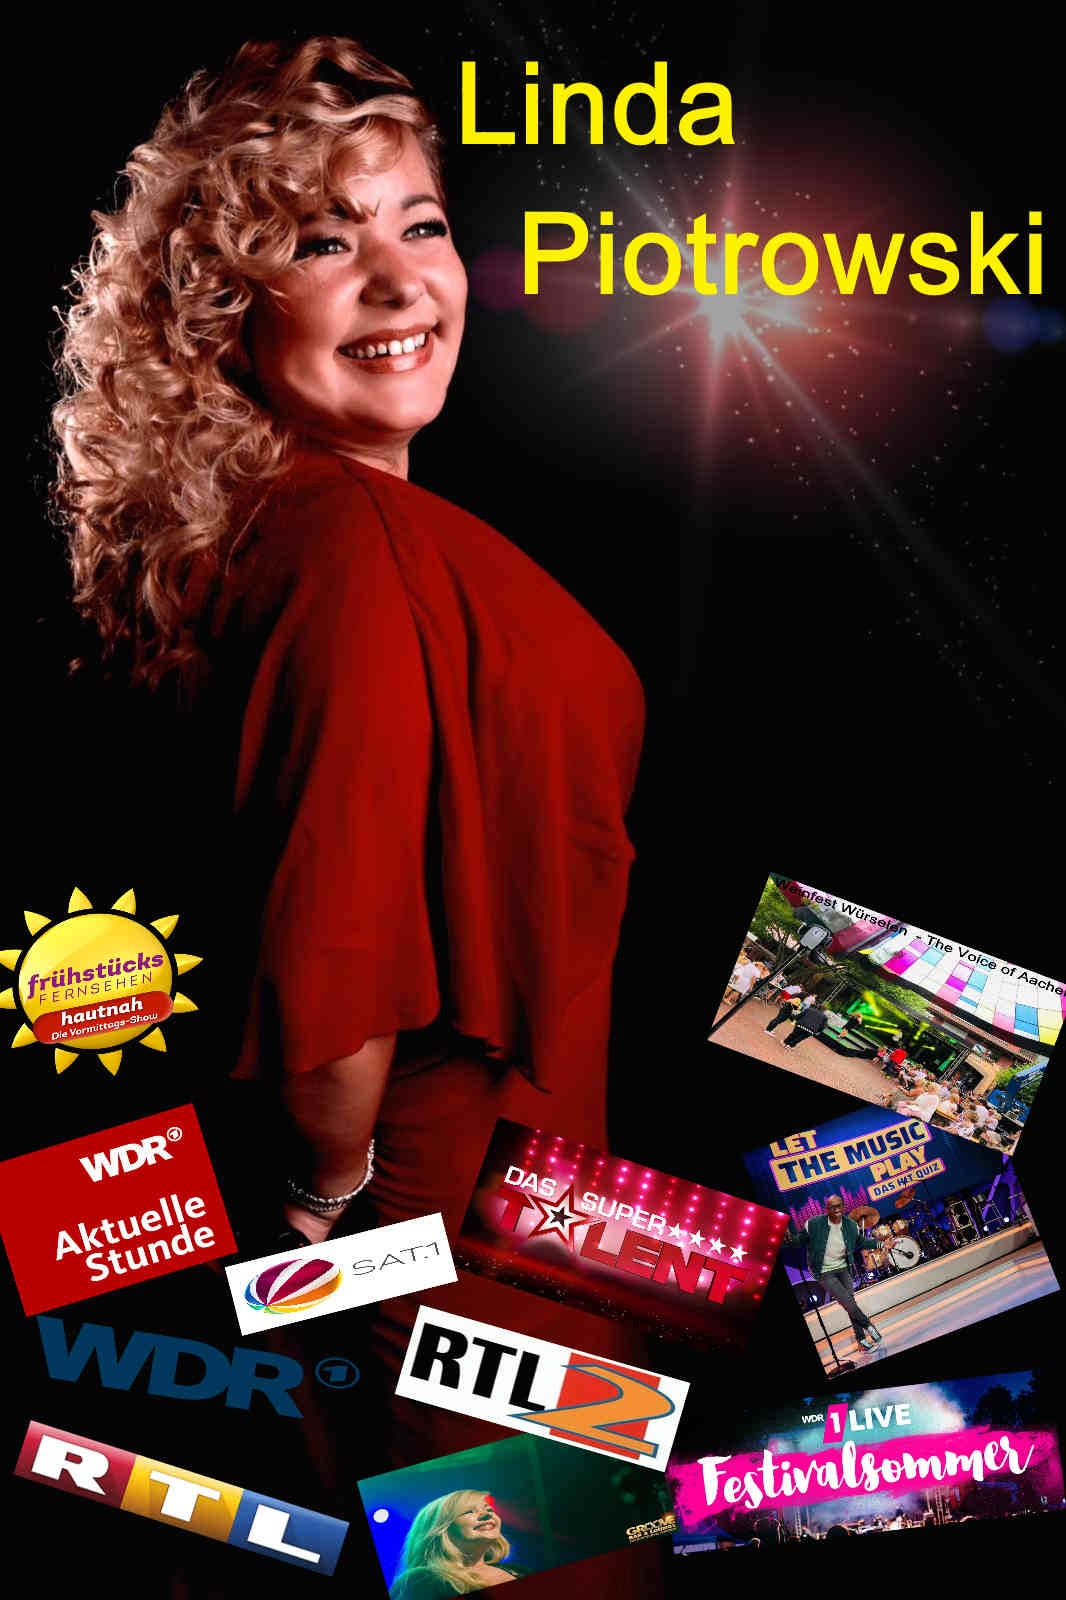 Sängerin Linda - Aus TV Rundfunk und den Medien überall bekannt